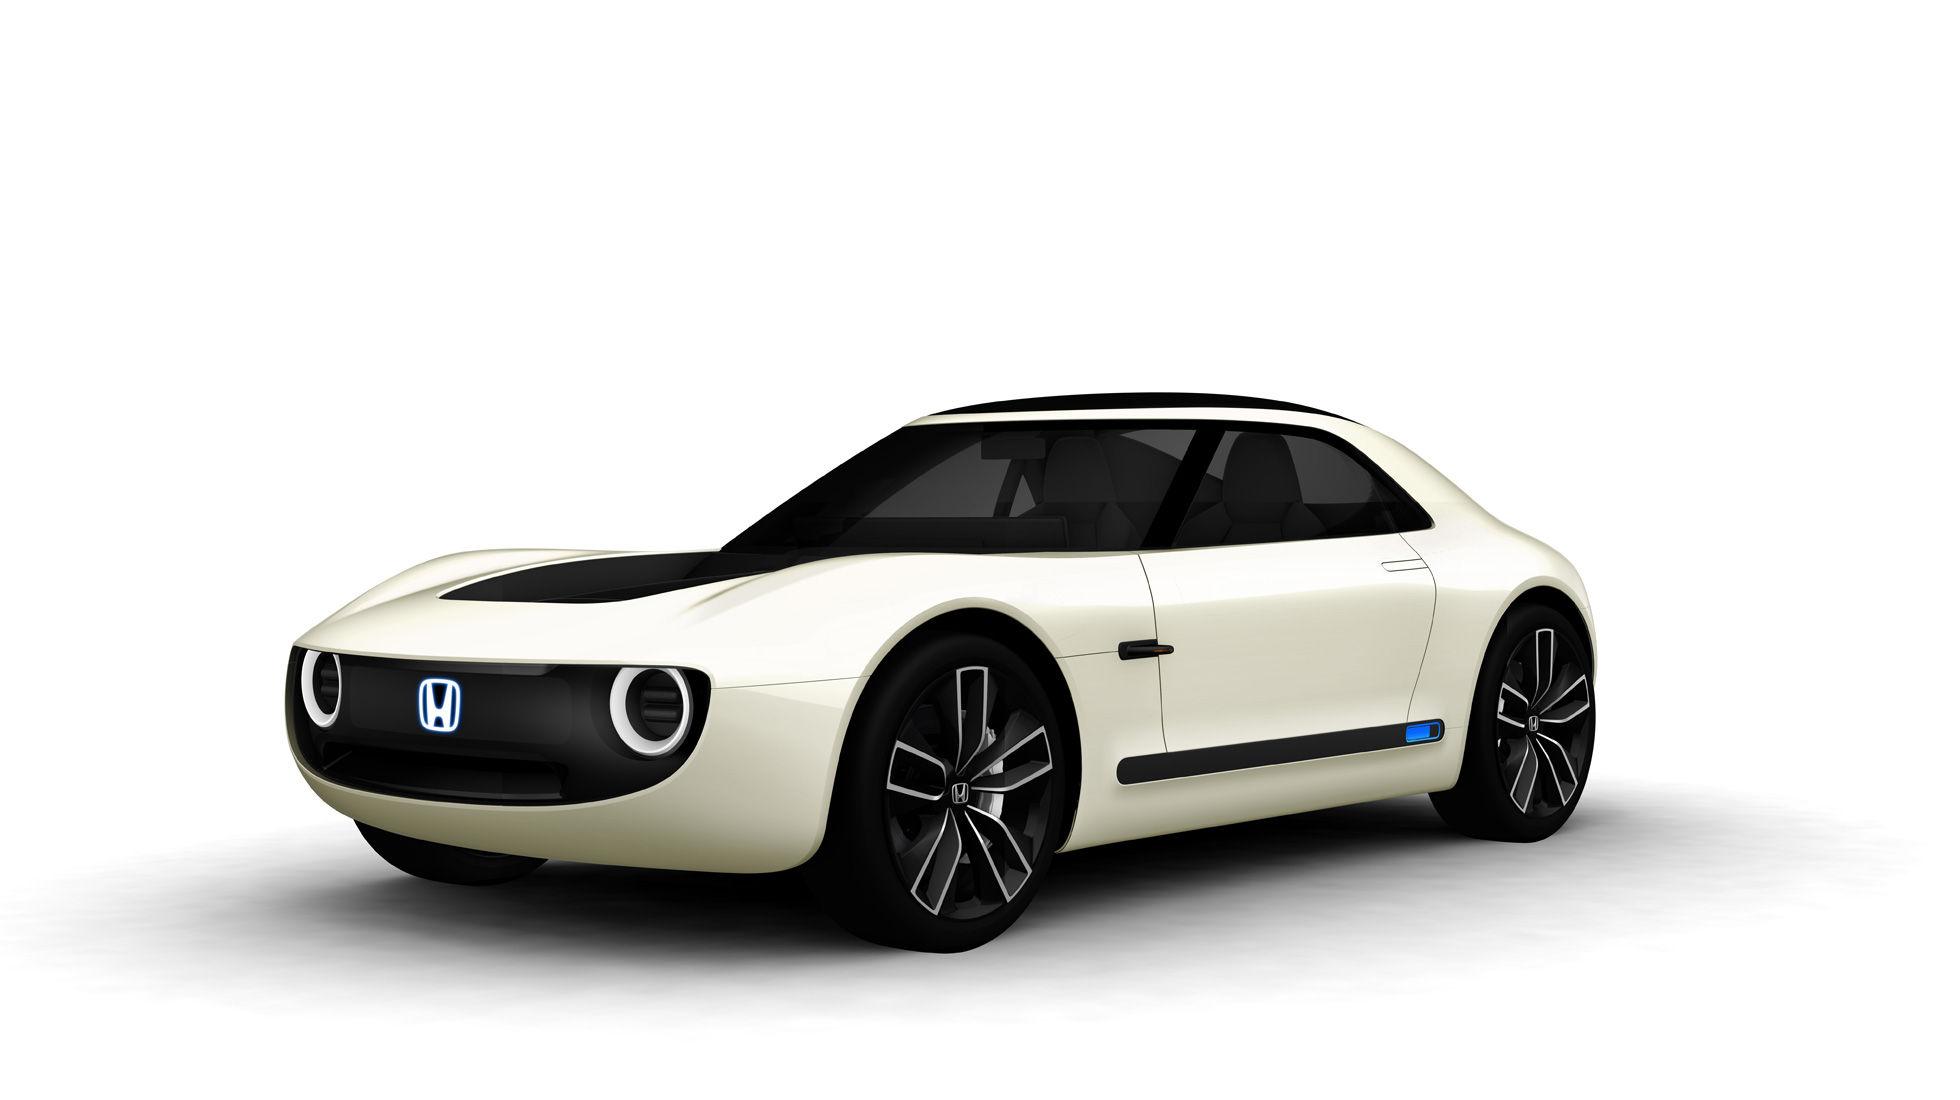 Sports EV Concept: Honda stellt einen Elektrosportwagen vor - Das Auto hat Elemente aus Autos der 1970er-Jahre. (Bild: Honda)